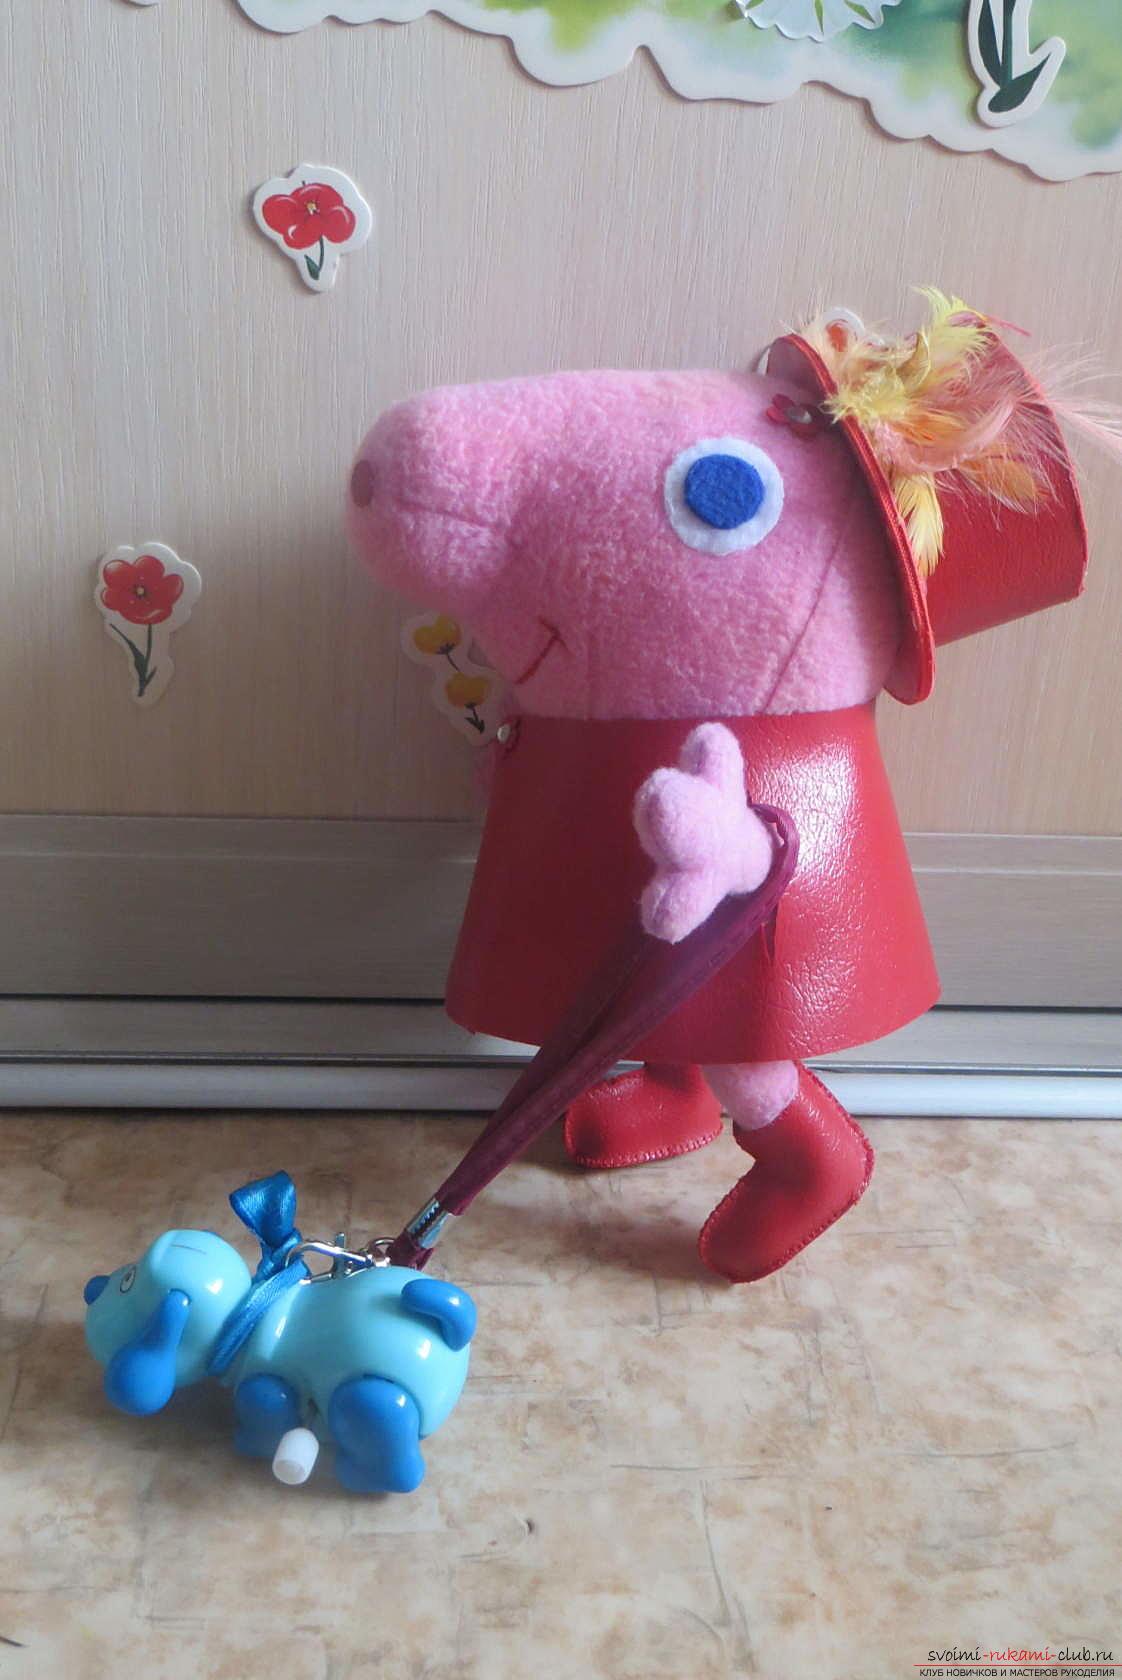 Мягкие игрушки для девушки - купить мишку в подарок девушке в